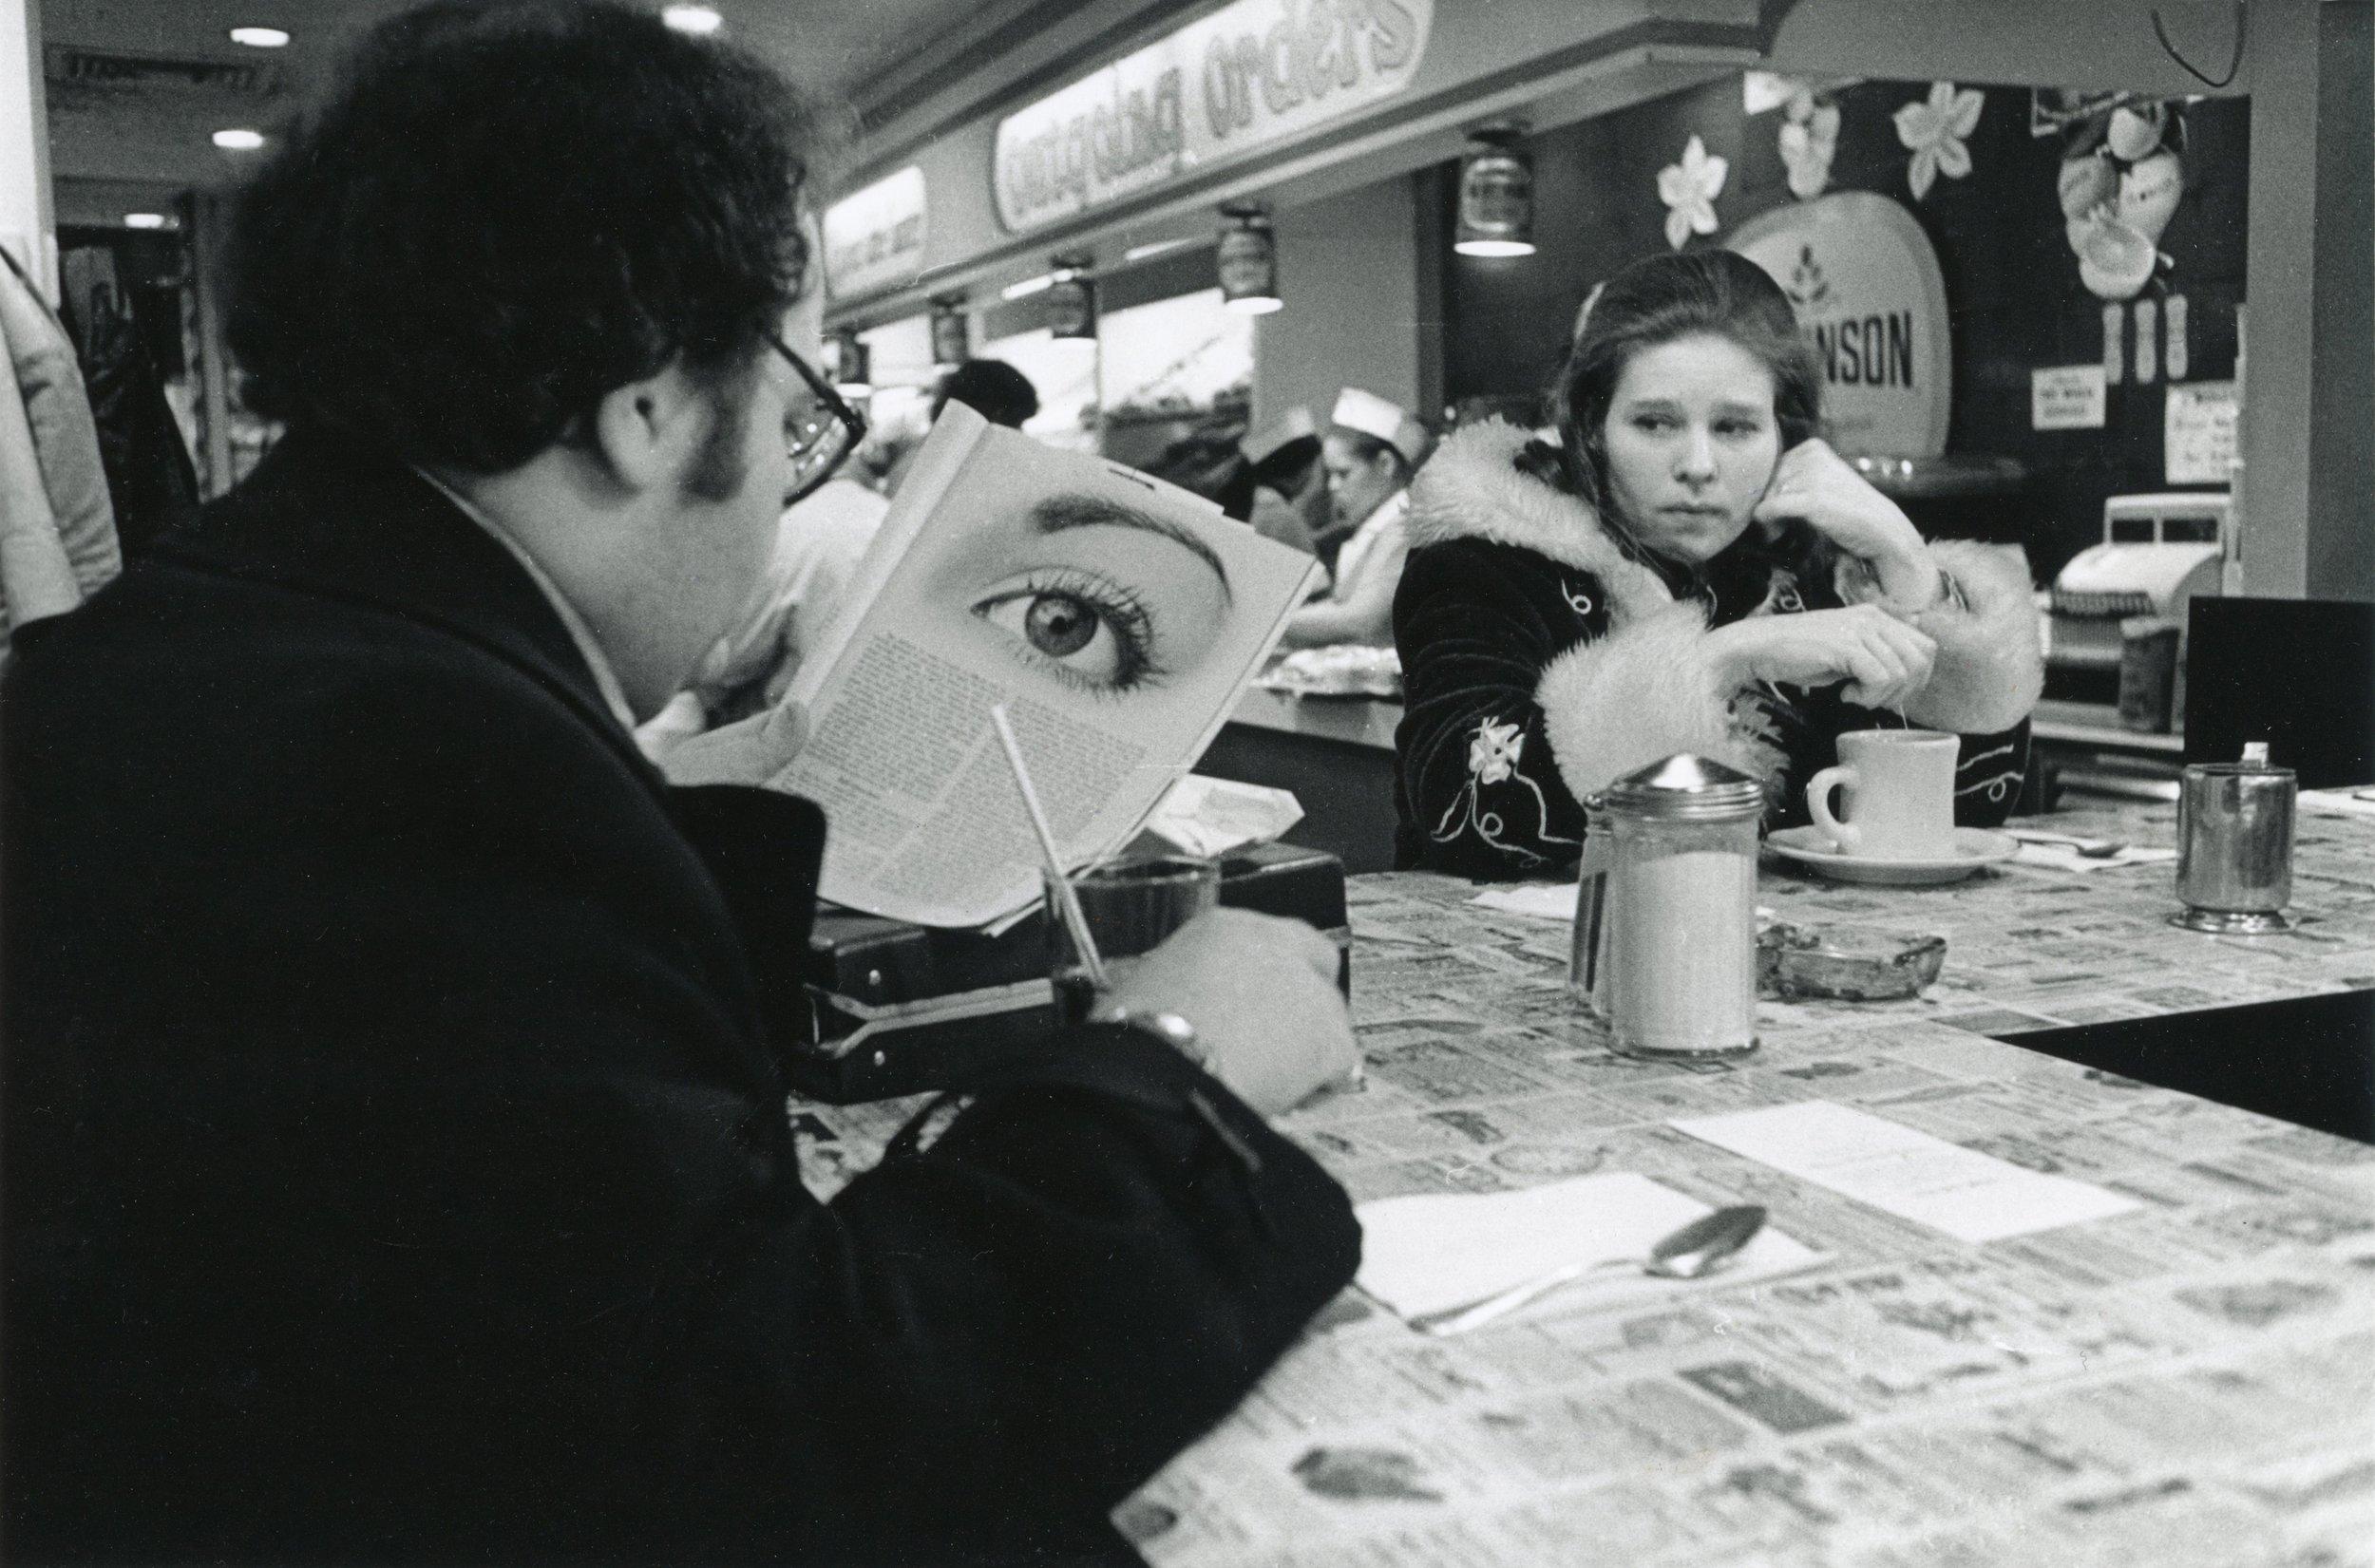 Penn Station 1976